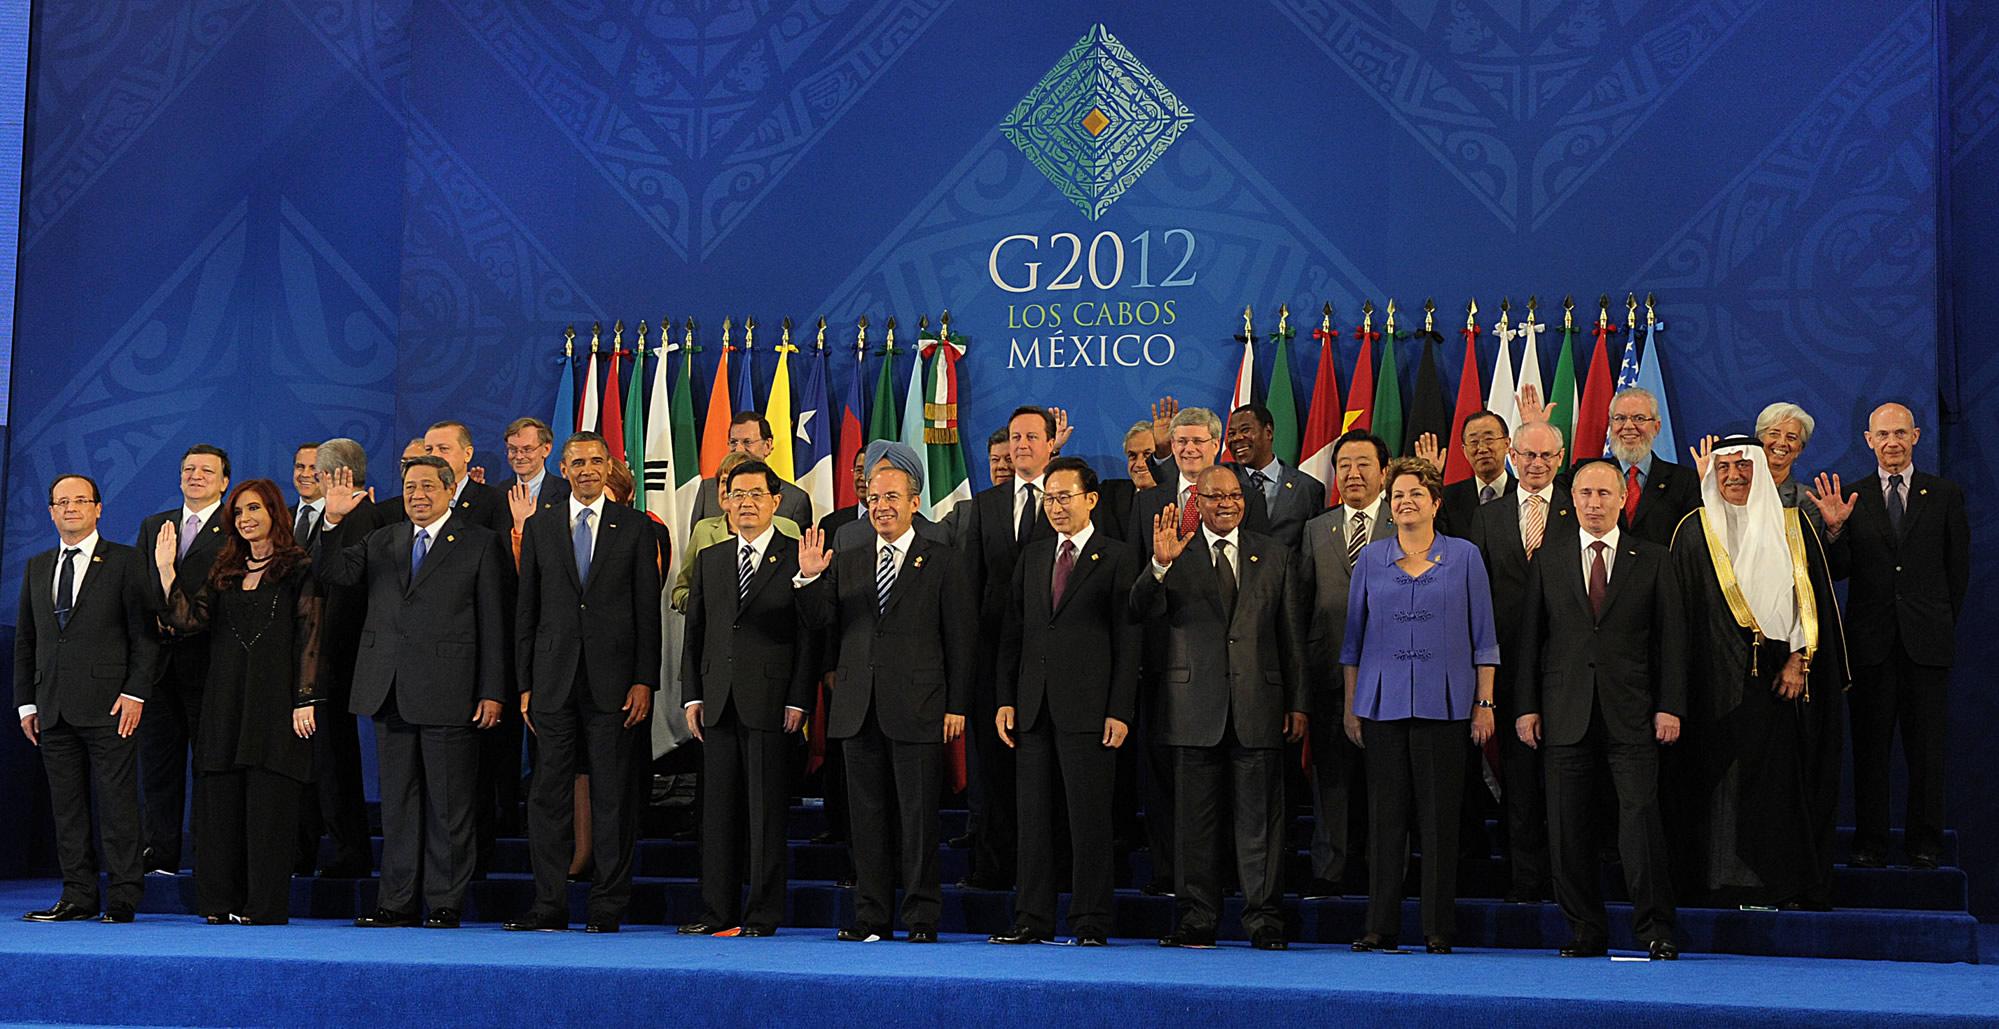 g20メキシコサミット2012年